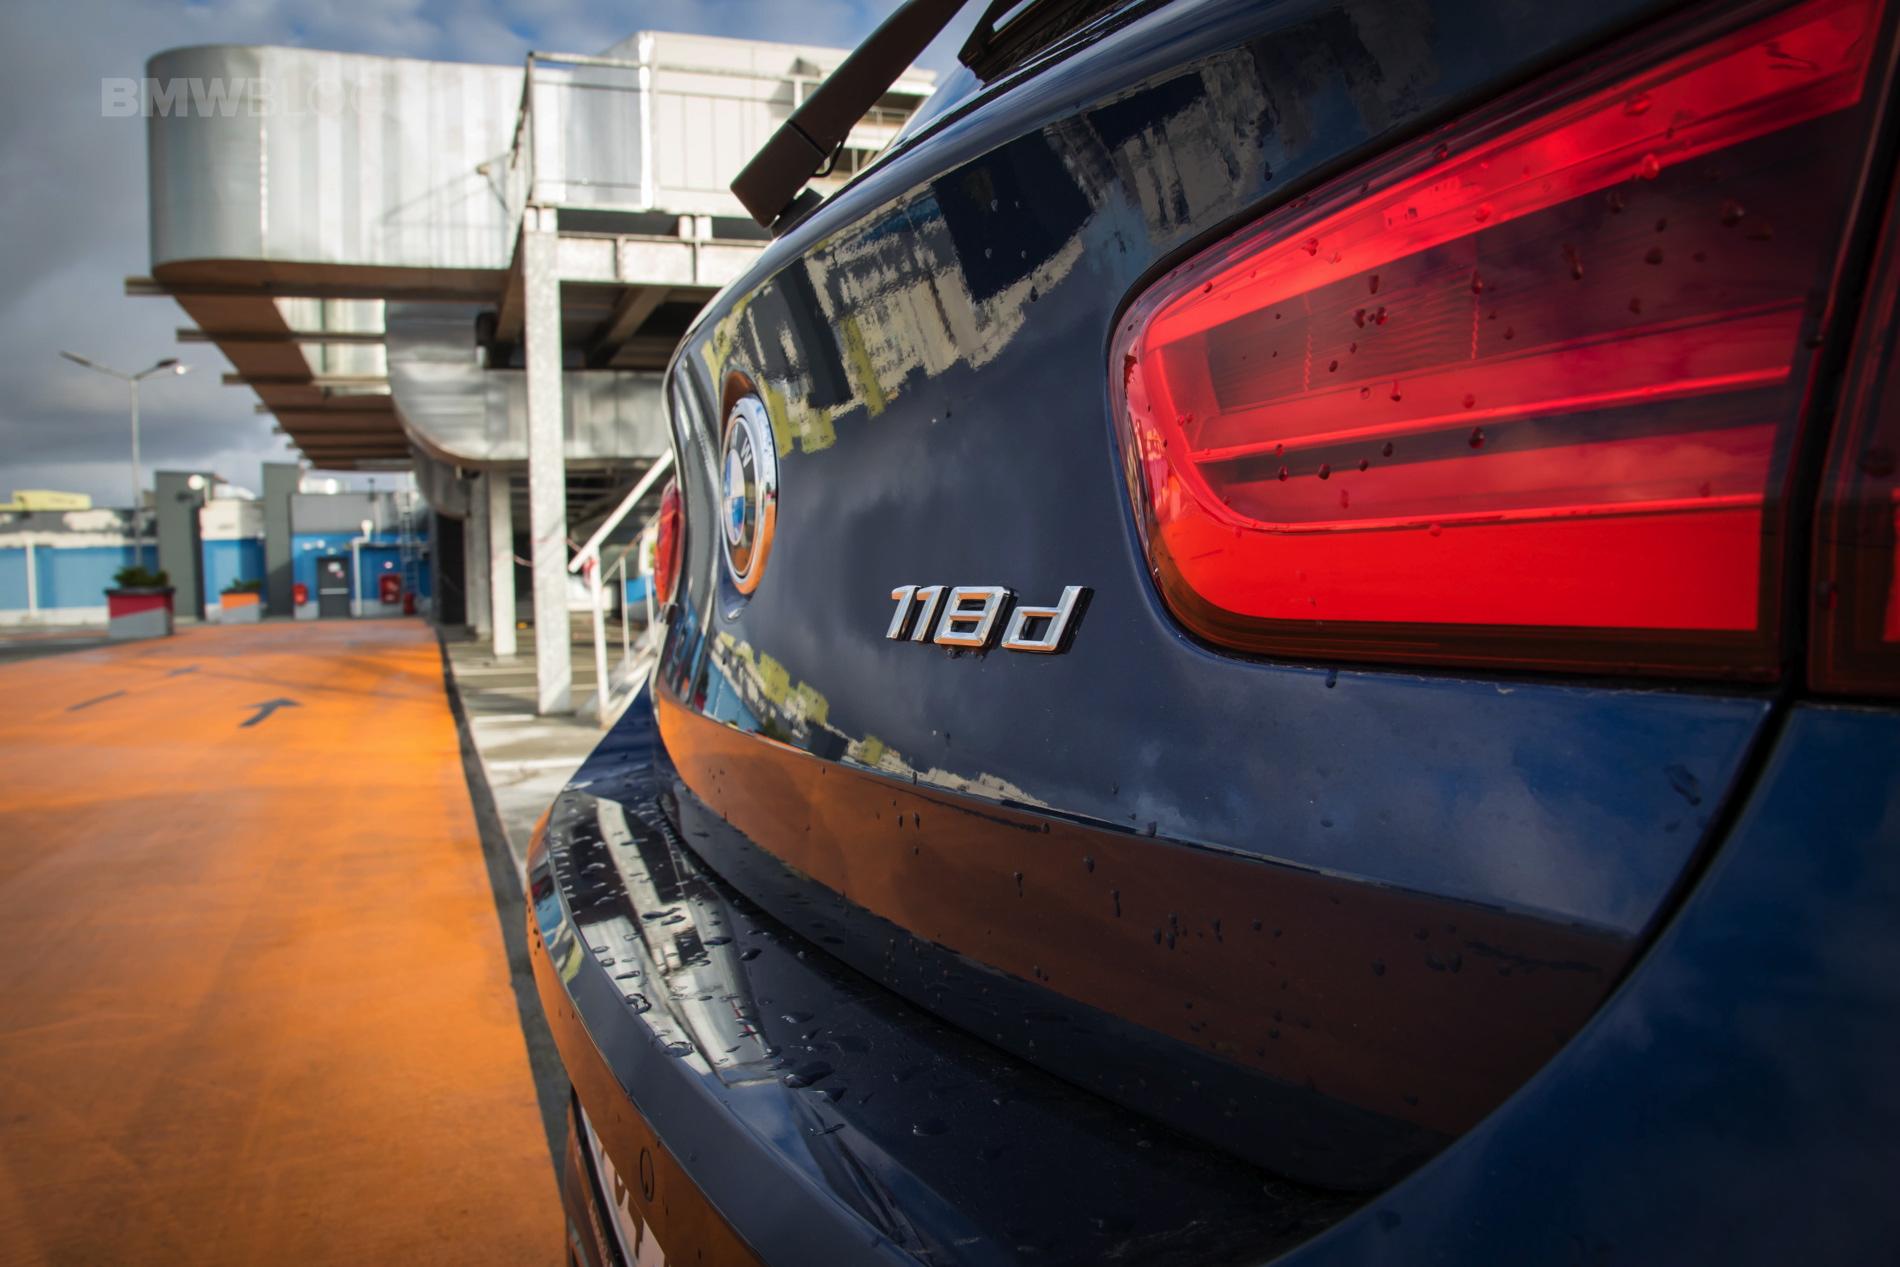 2018 BMW 118d test drive 21